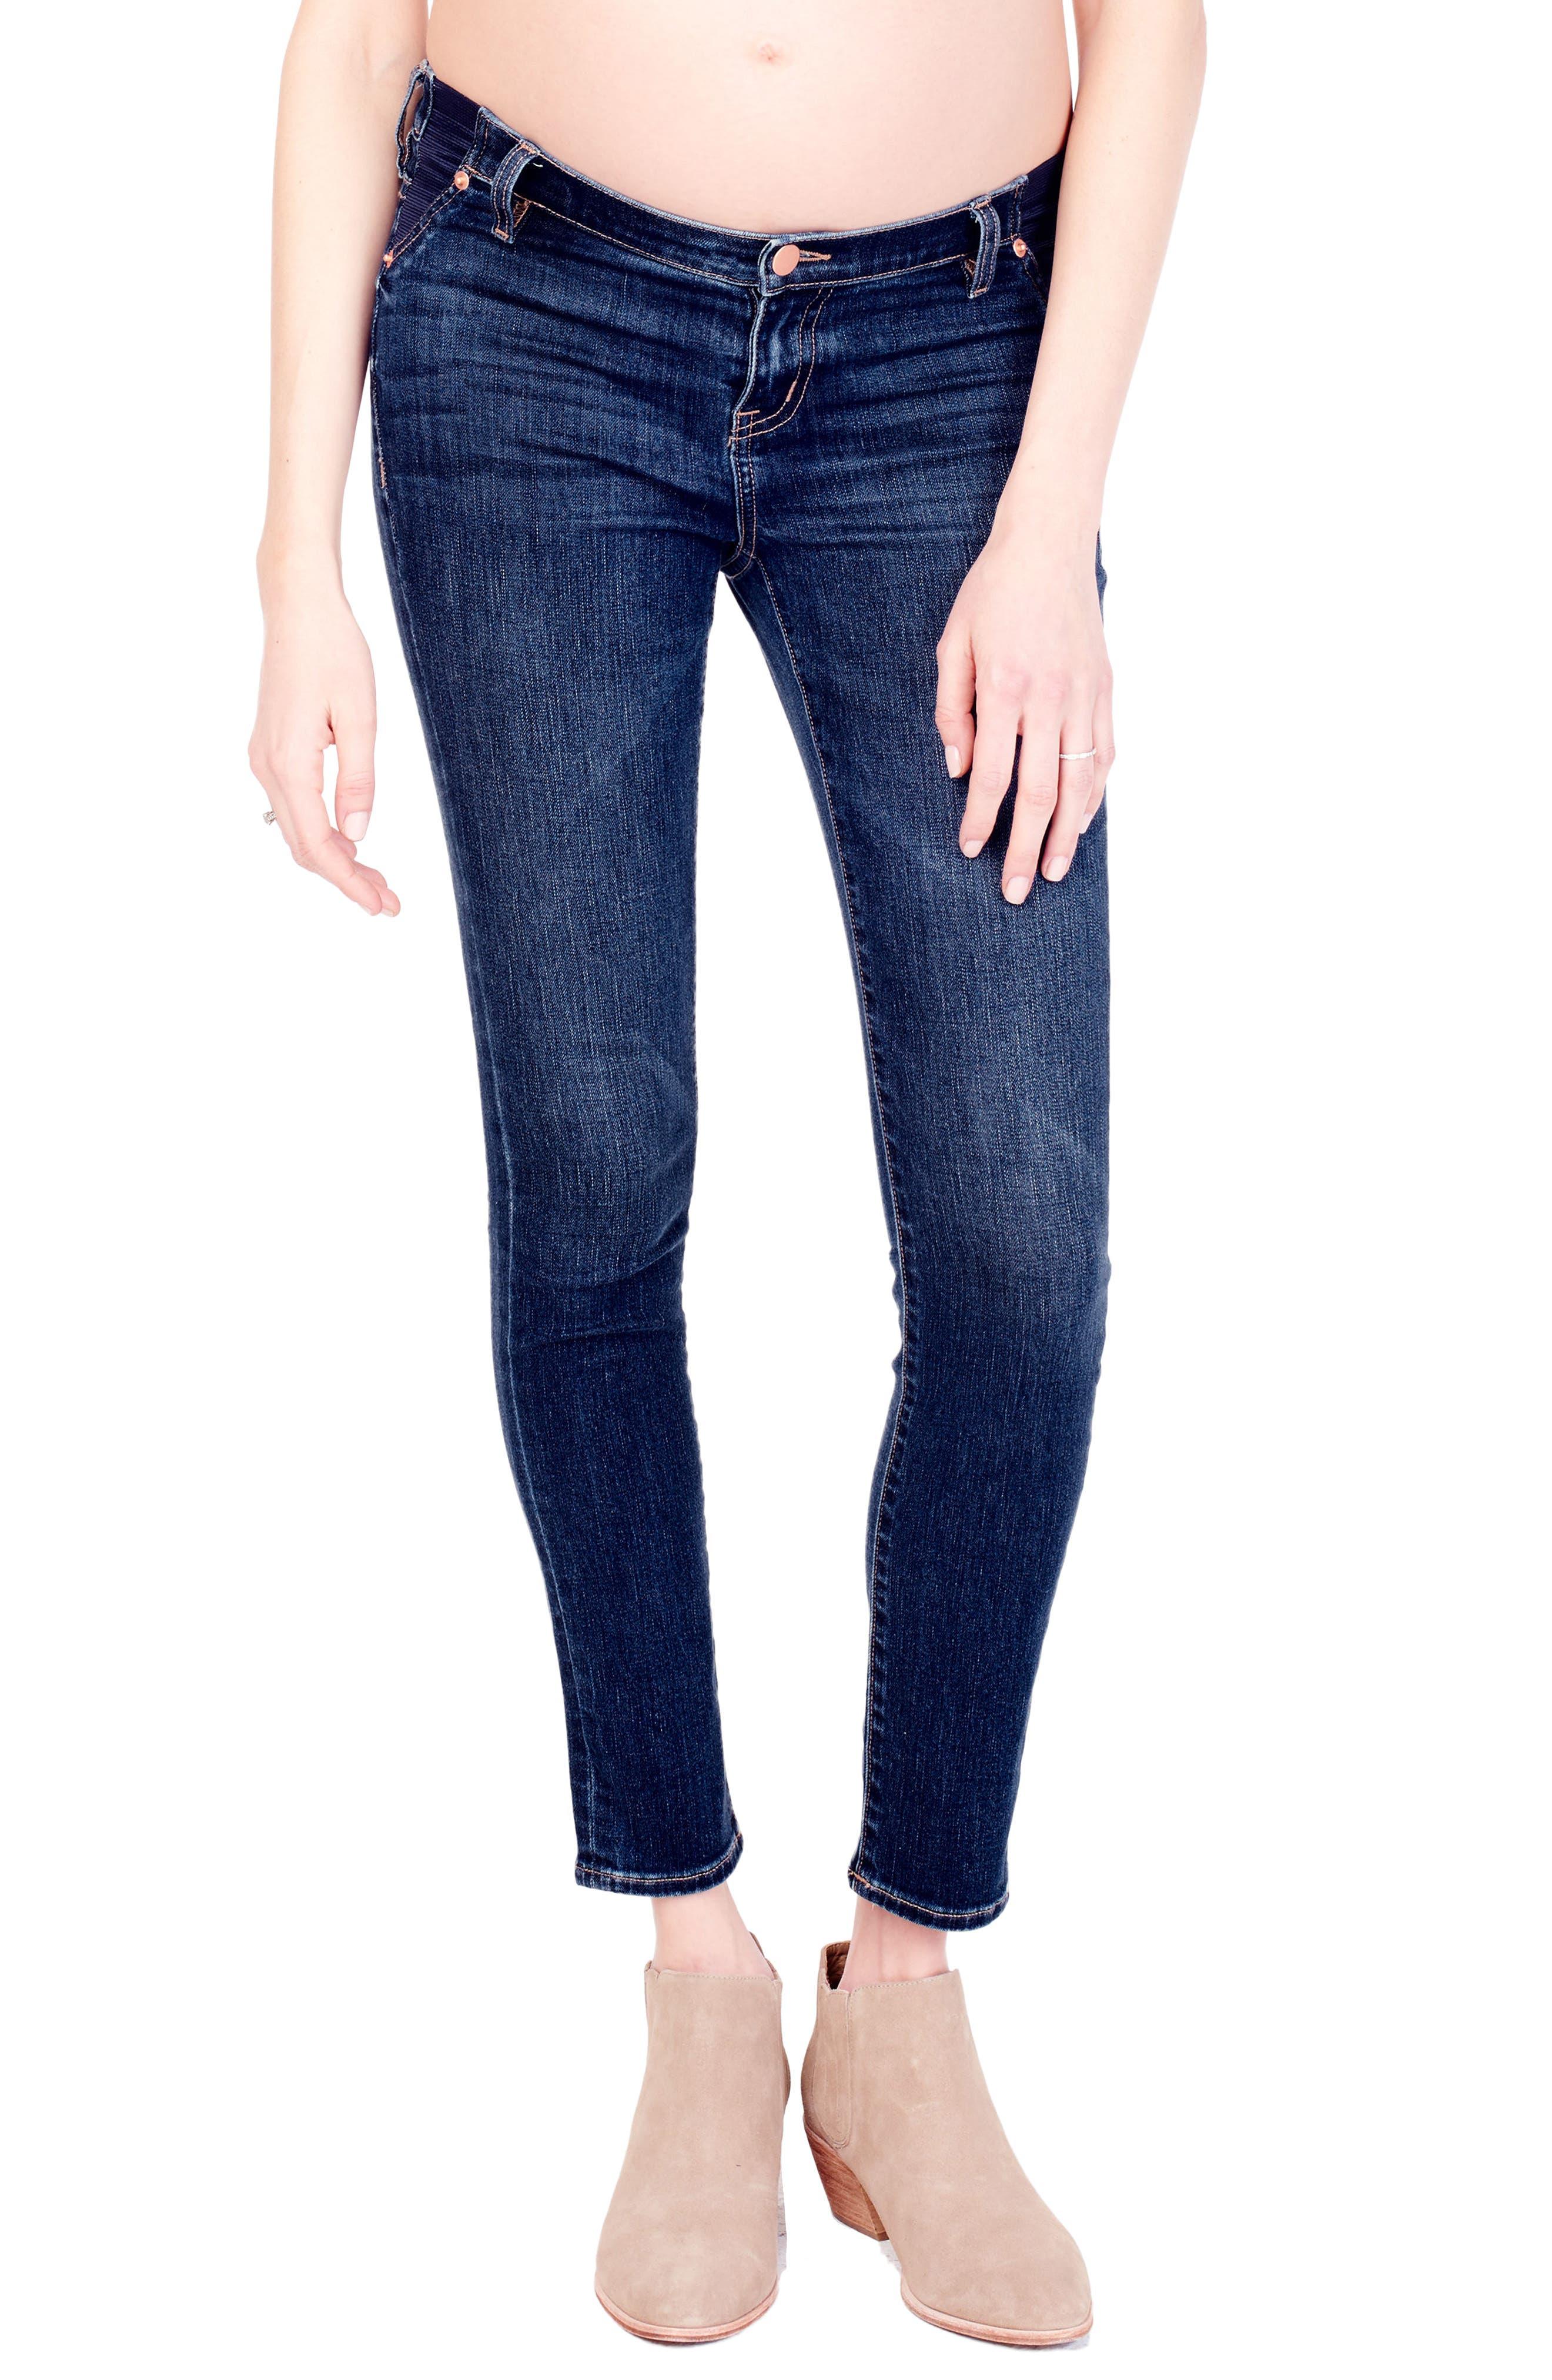 Ingrid & Isabel® Sasha Maternity Skinny Jeans